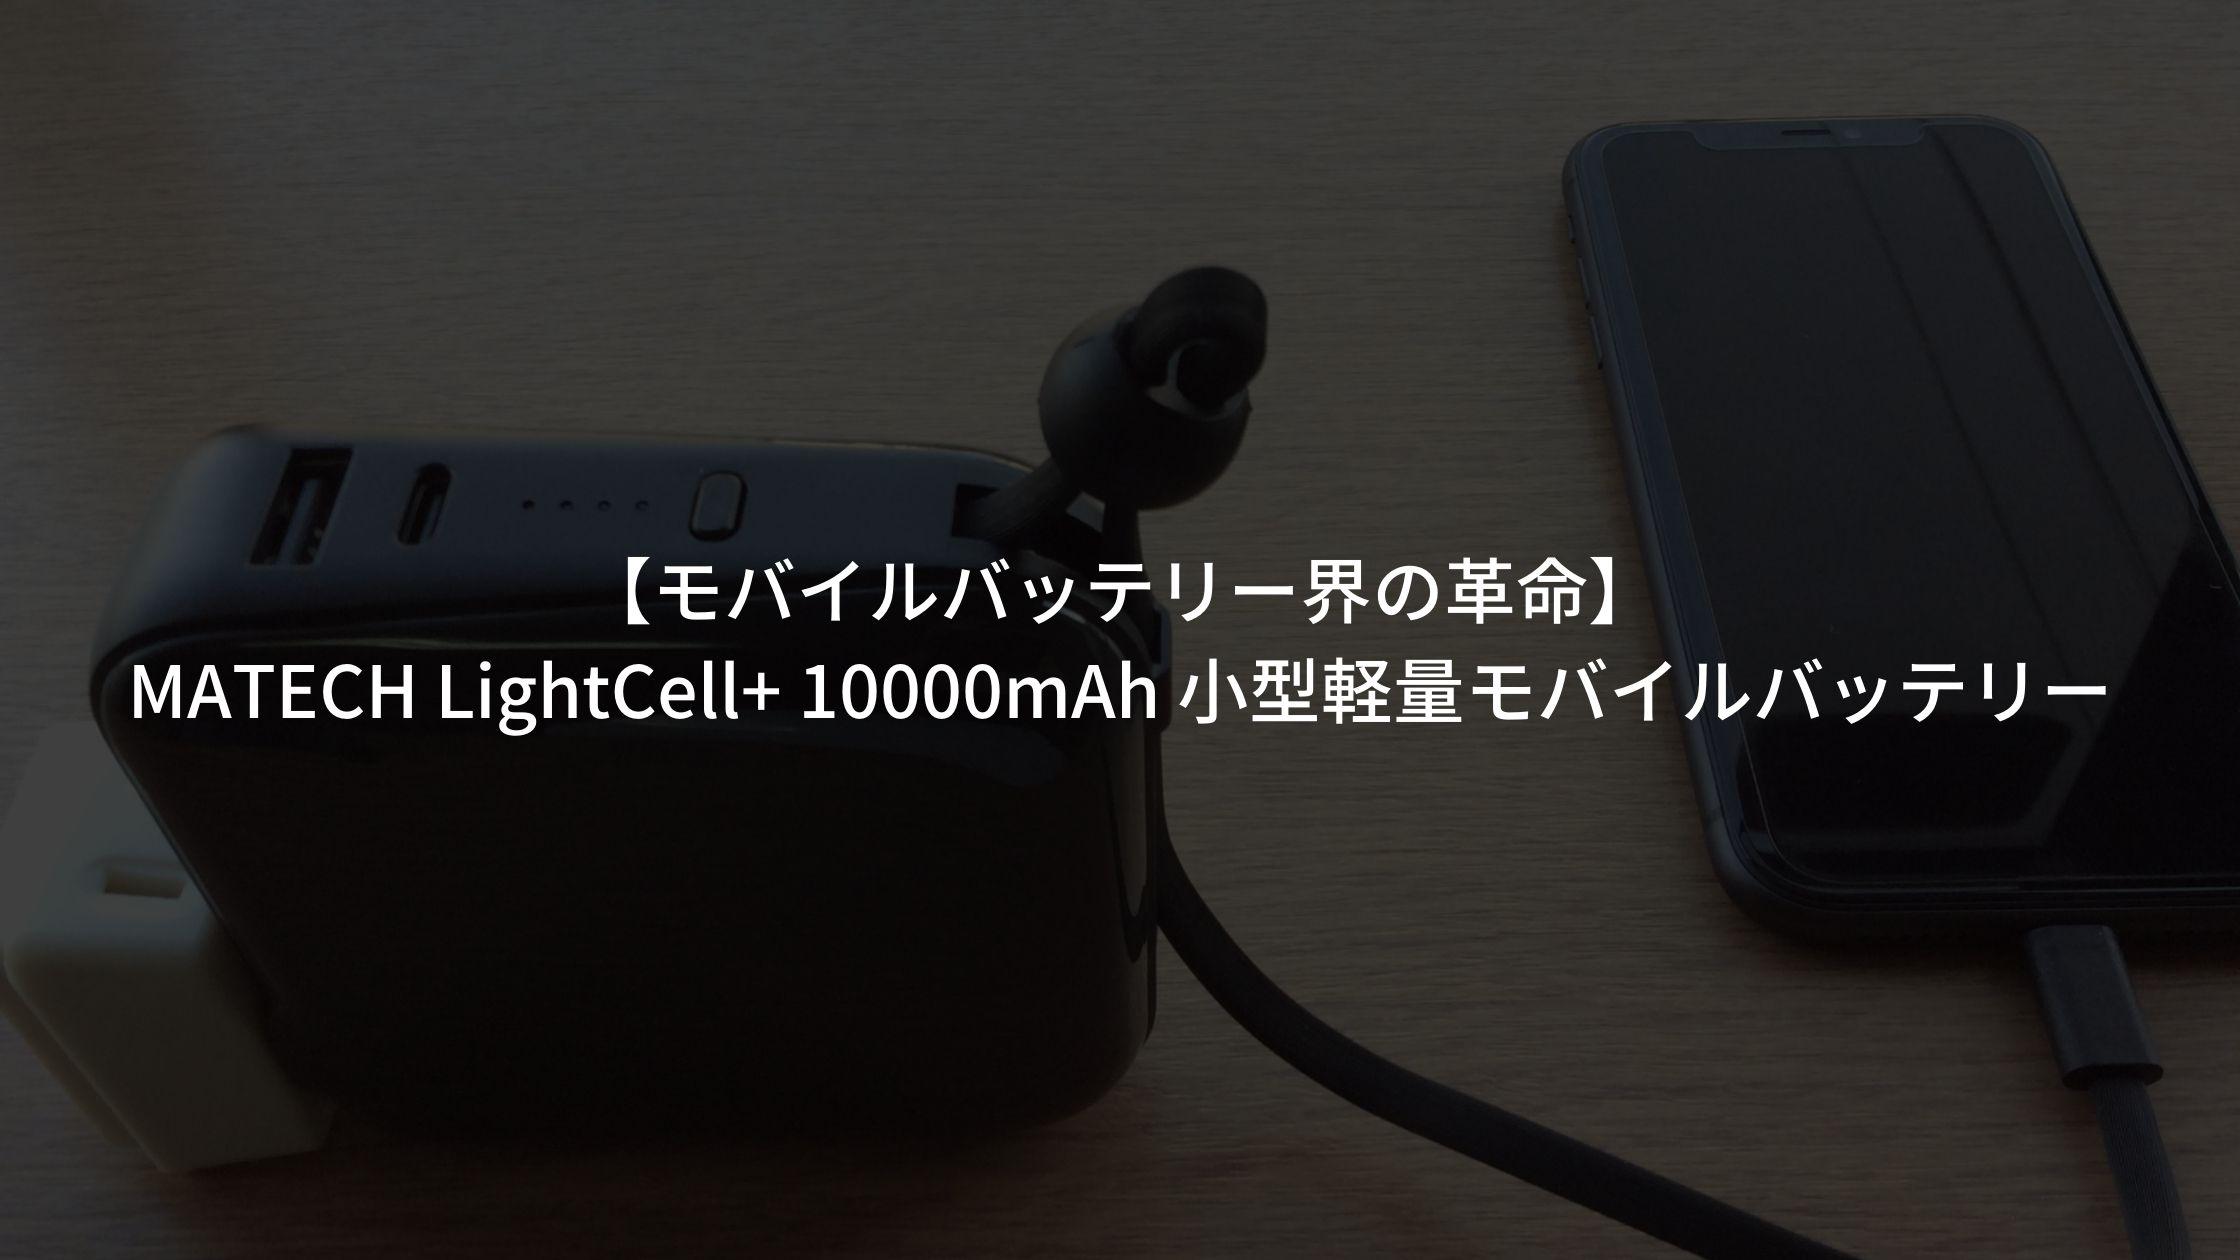 MATECH LightCell+ 10000mAh 小型軽量モバイルバッテリー